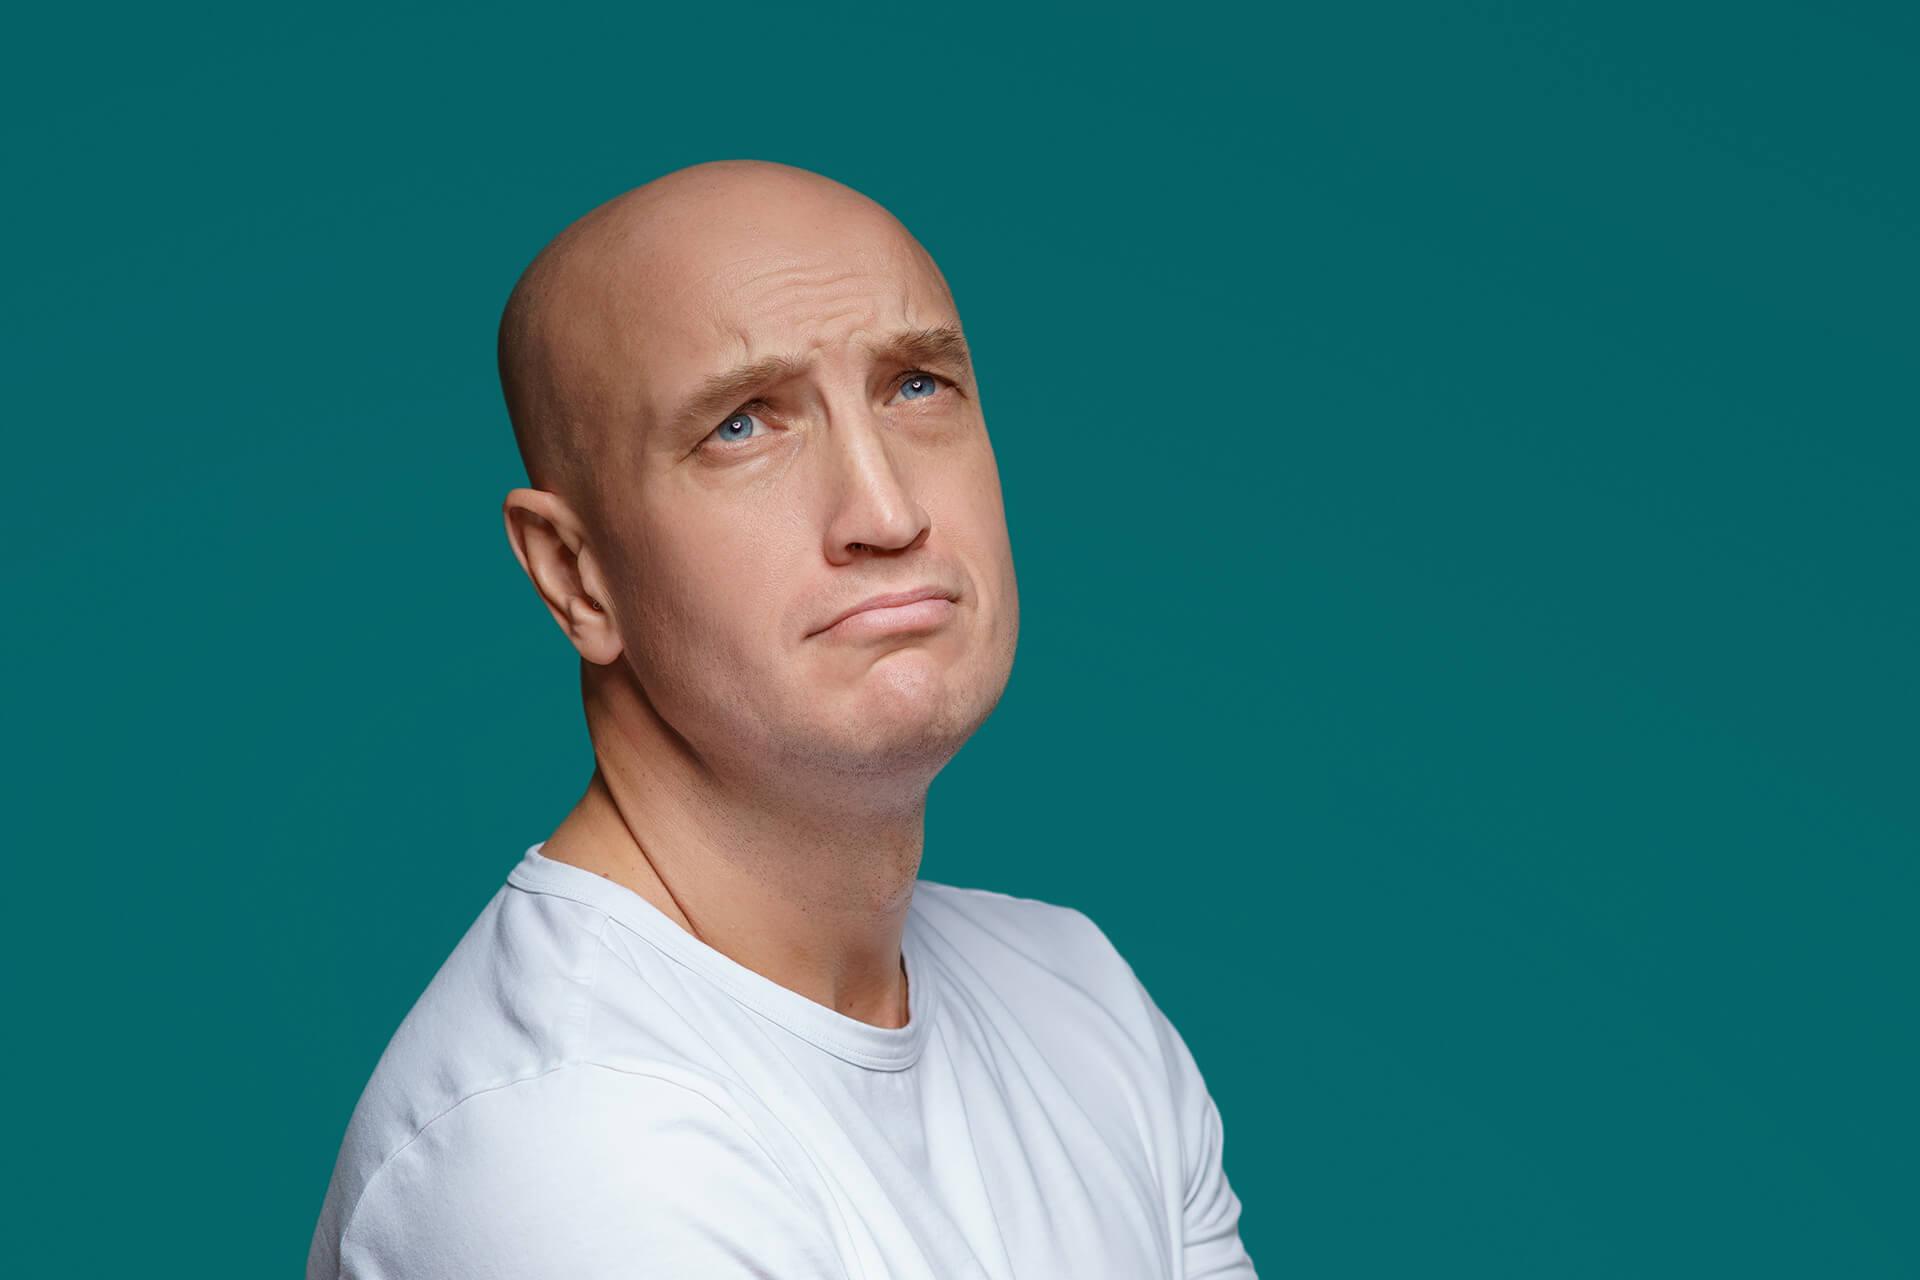 ¿Cómo sé si soy un candidato para un trasplante de pelo?